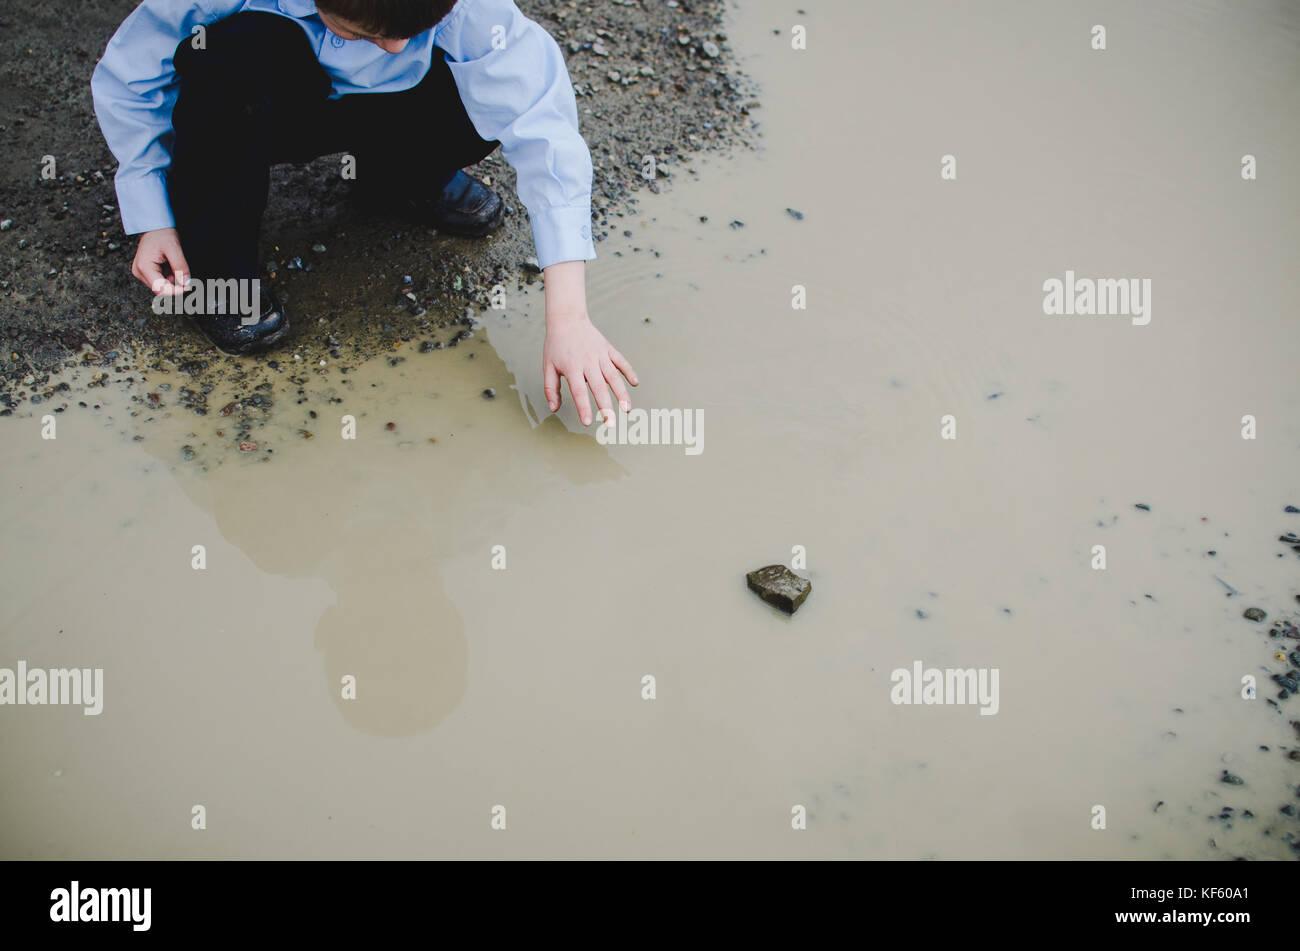 Un ragazzo per raggiungere una roccia in una pozza di fango. Immagini Stock